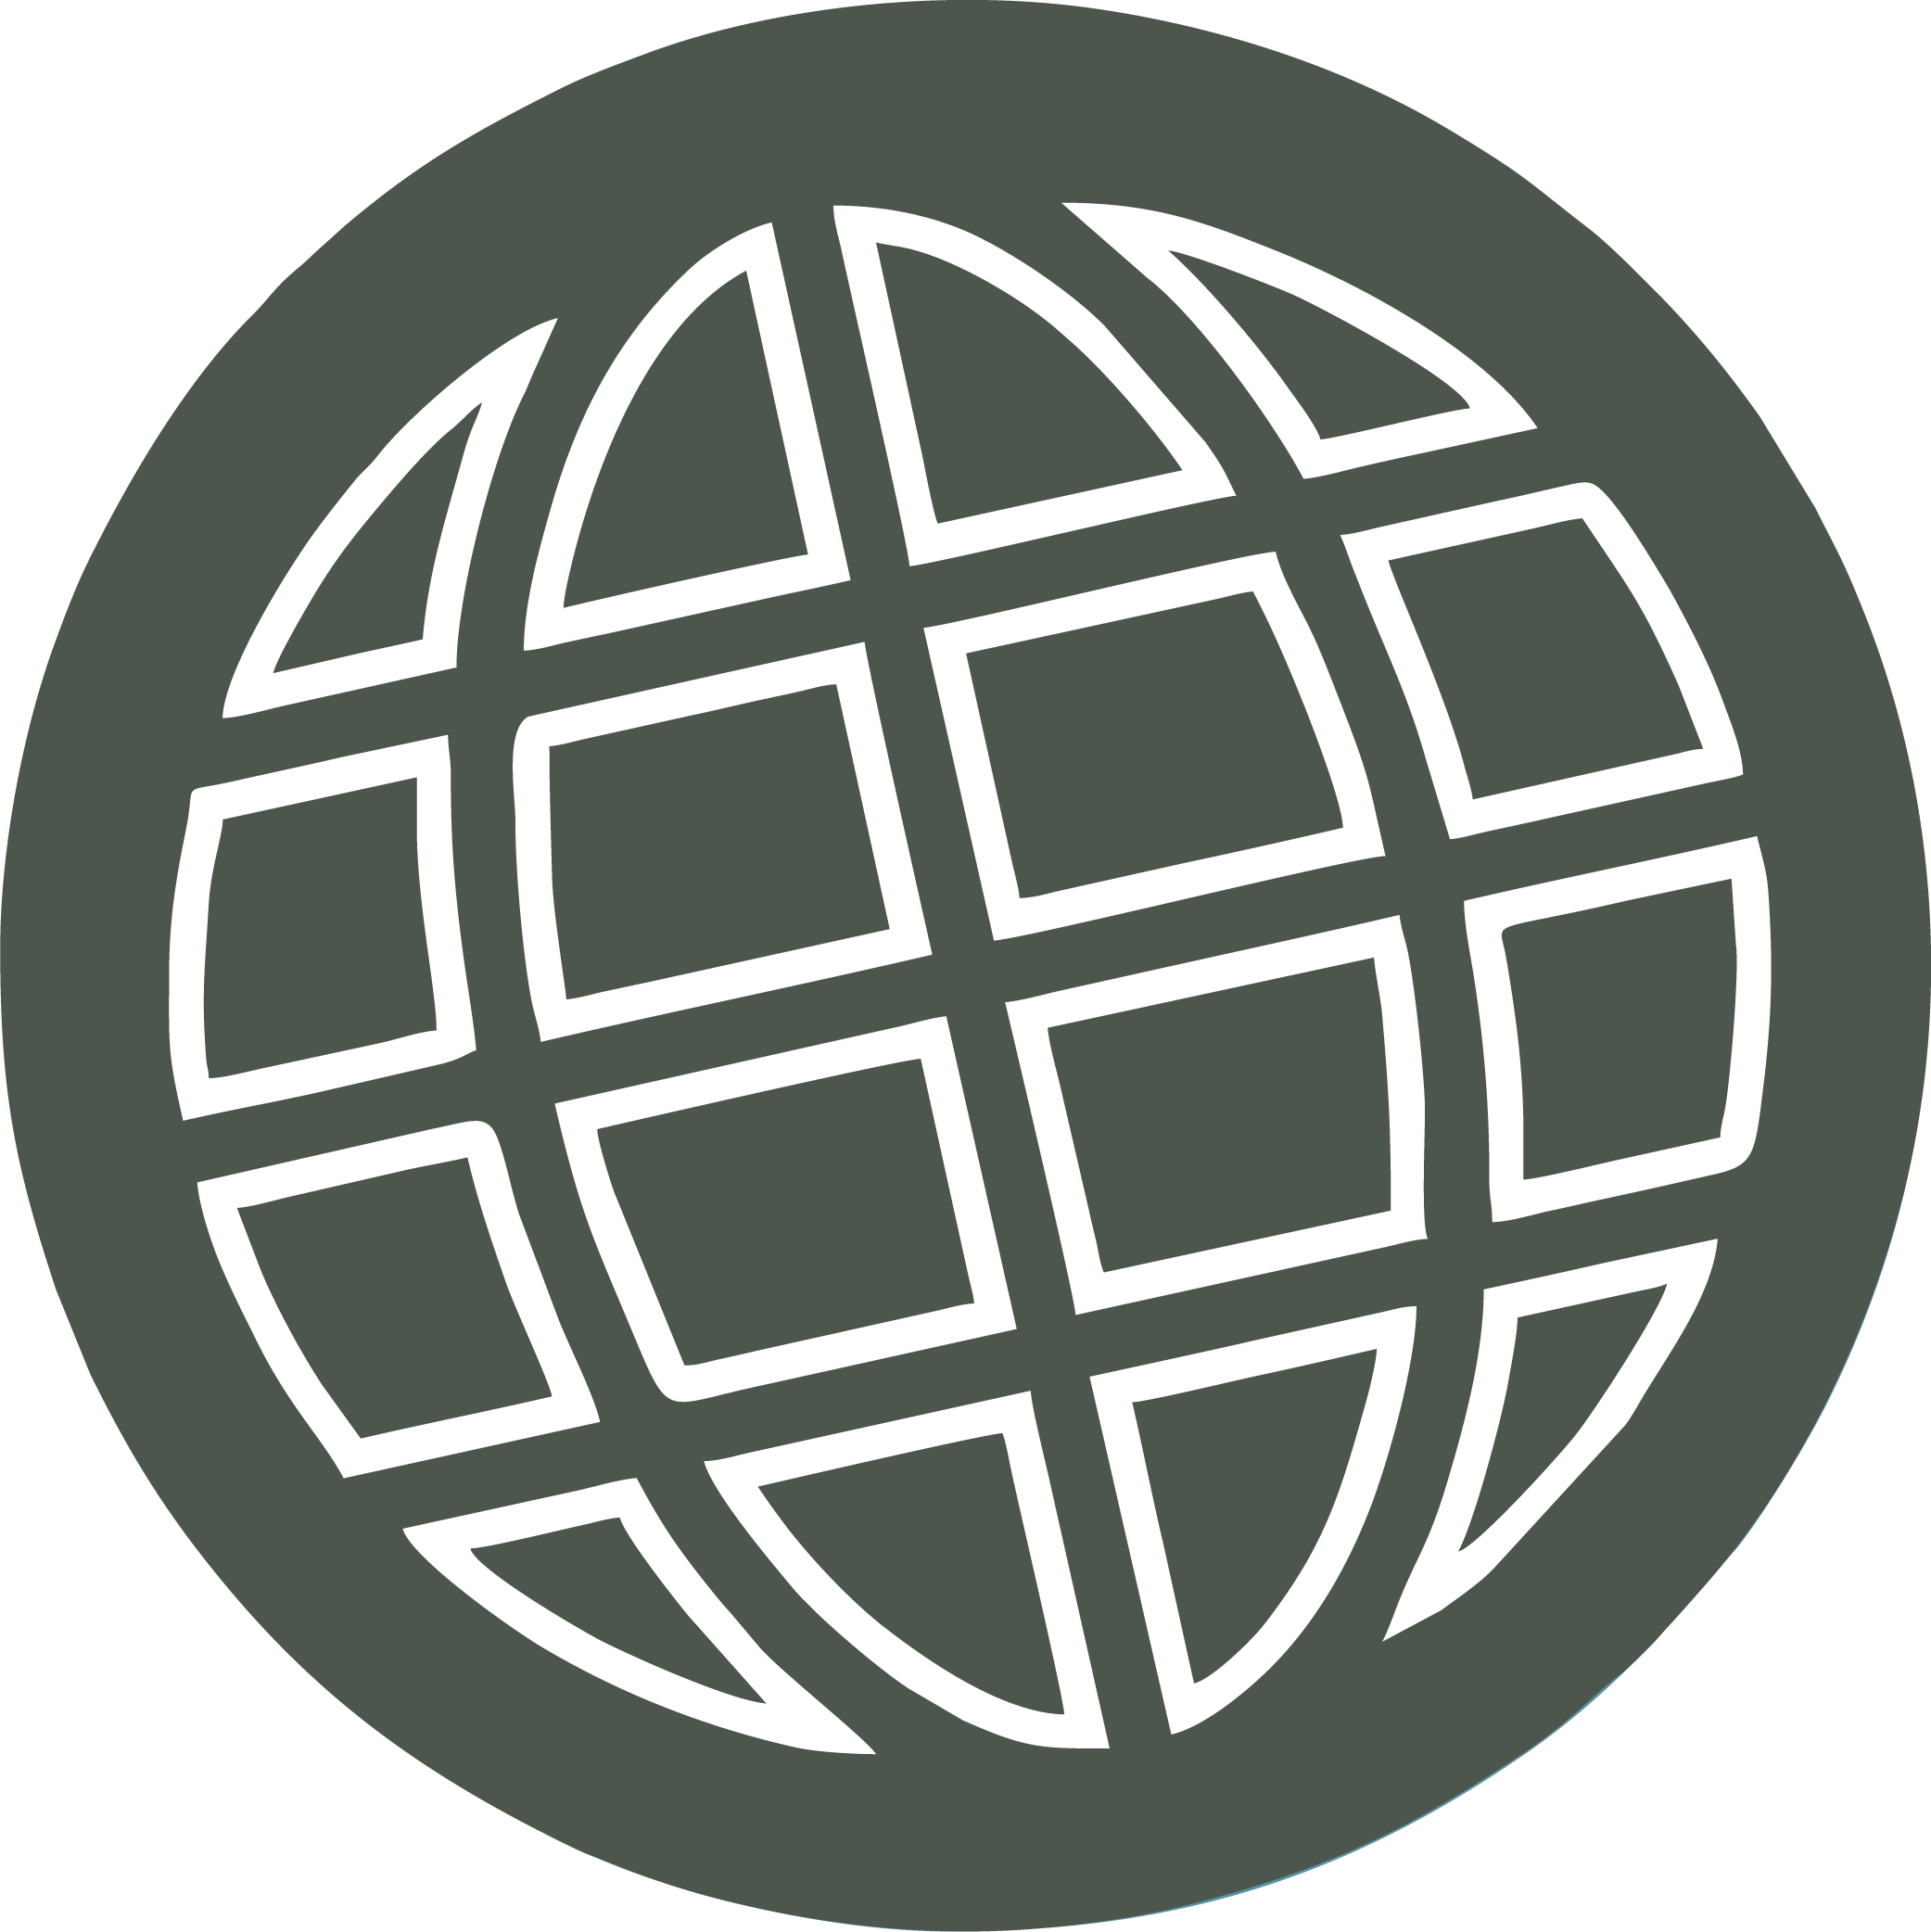 Werkterrein-kwartiermakers-icon-home-circulair